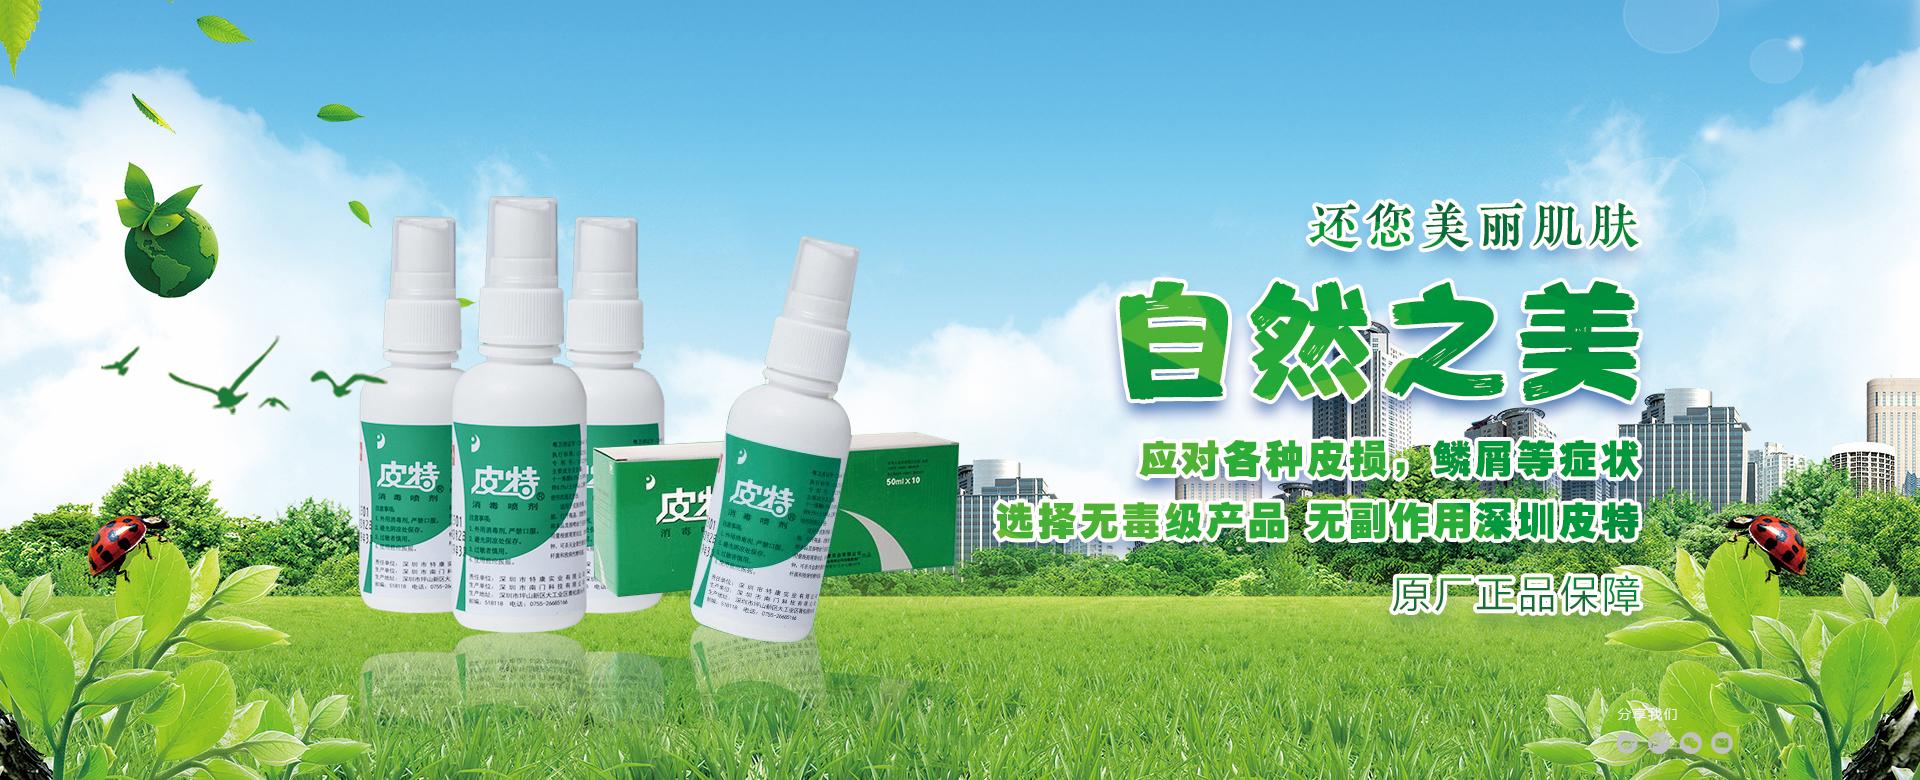 牛皮癣喷剂,治疗牛皮癣,缓解牛皮癣,                               深圳市特康实业有限公司